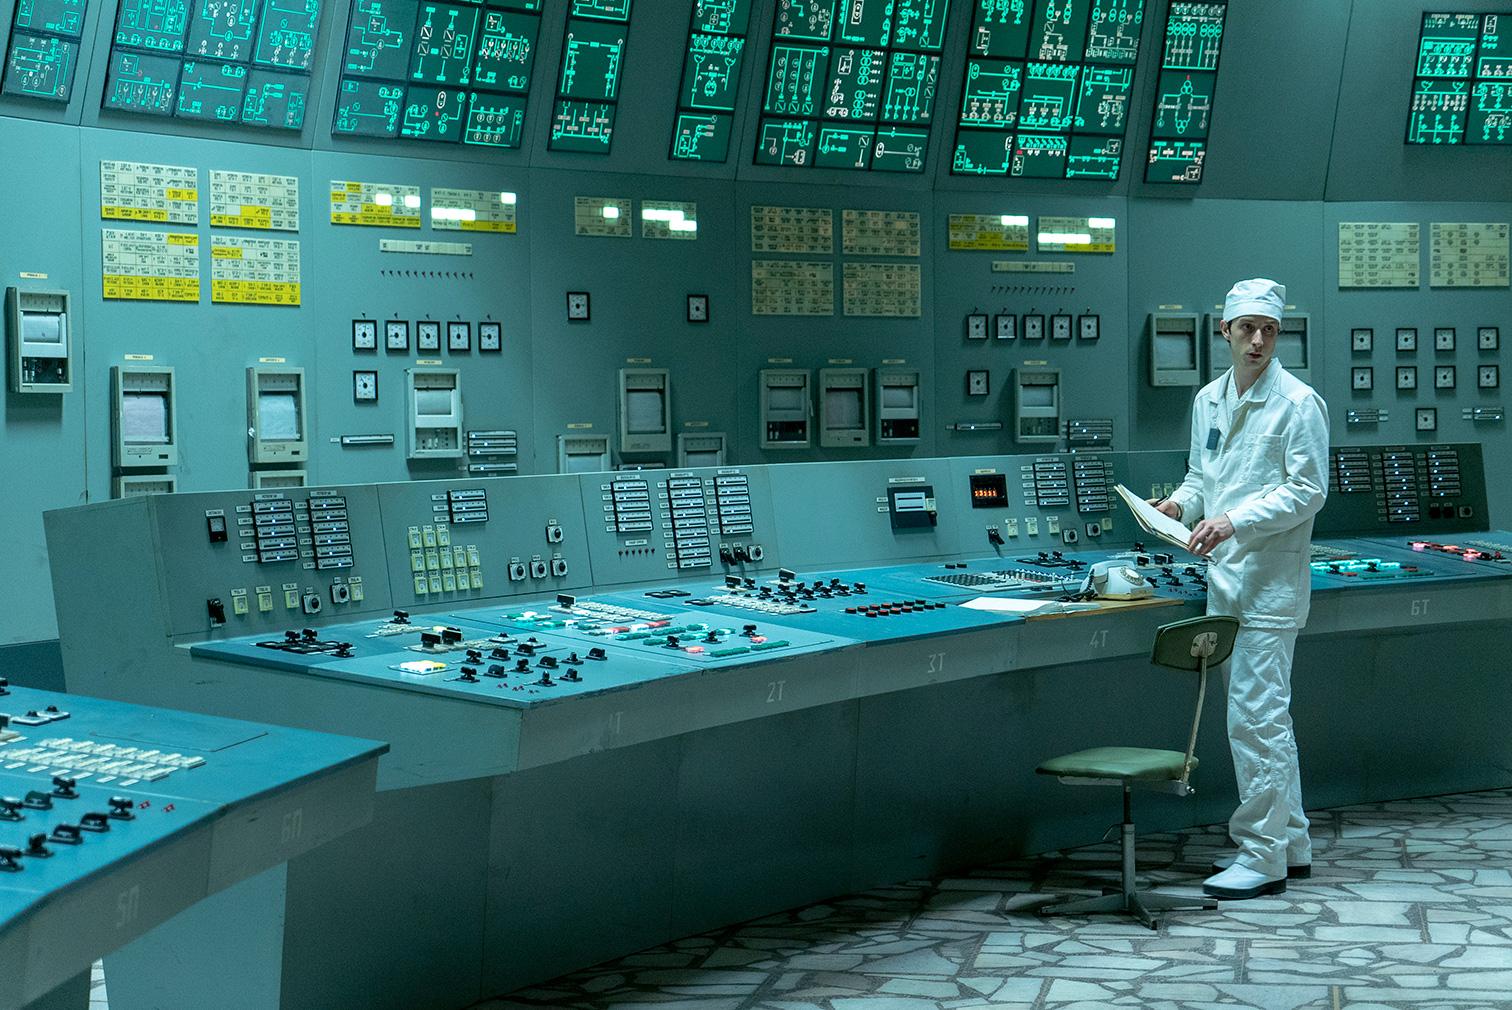 pelatihan keselamatan tenaga nuklir